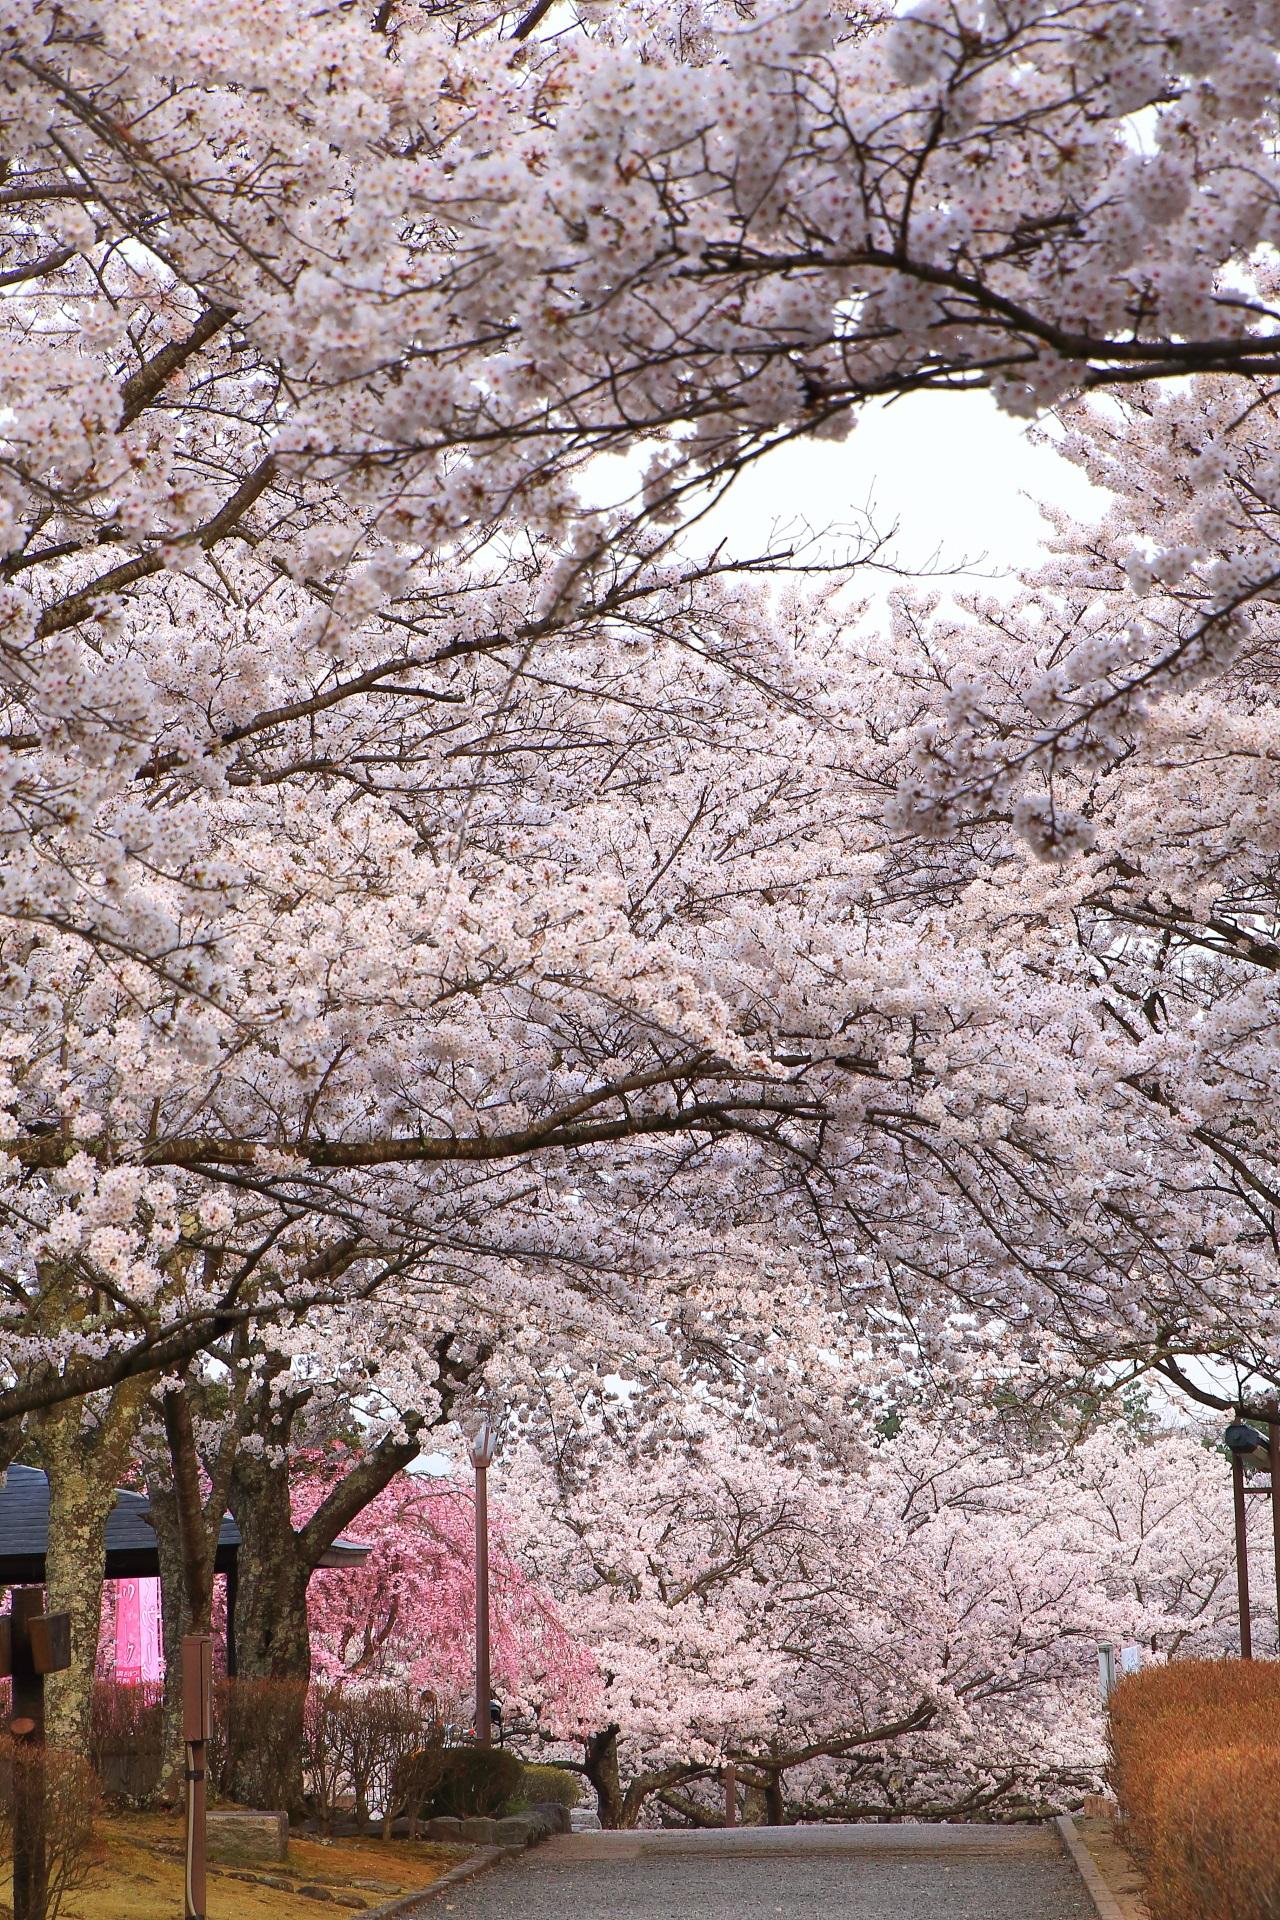 和らぎの道の圧倒的な桜